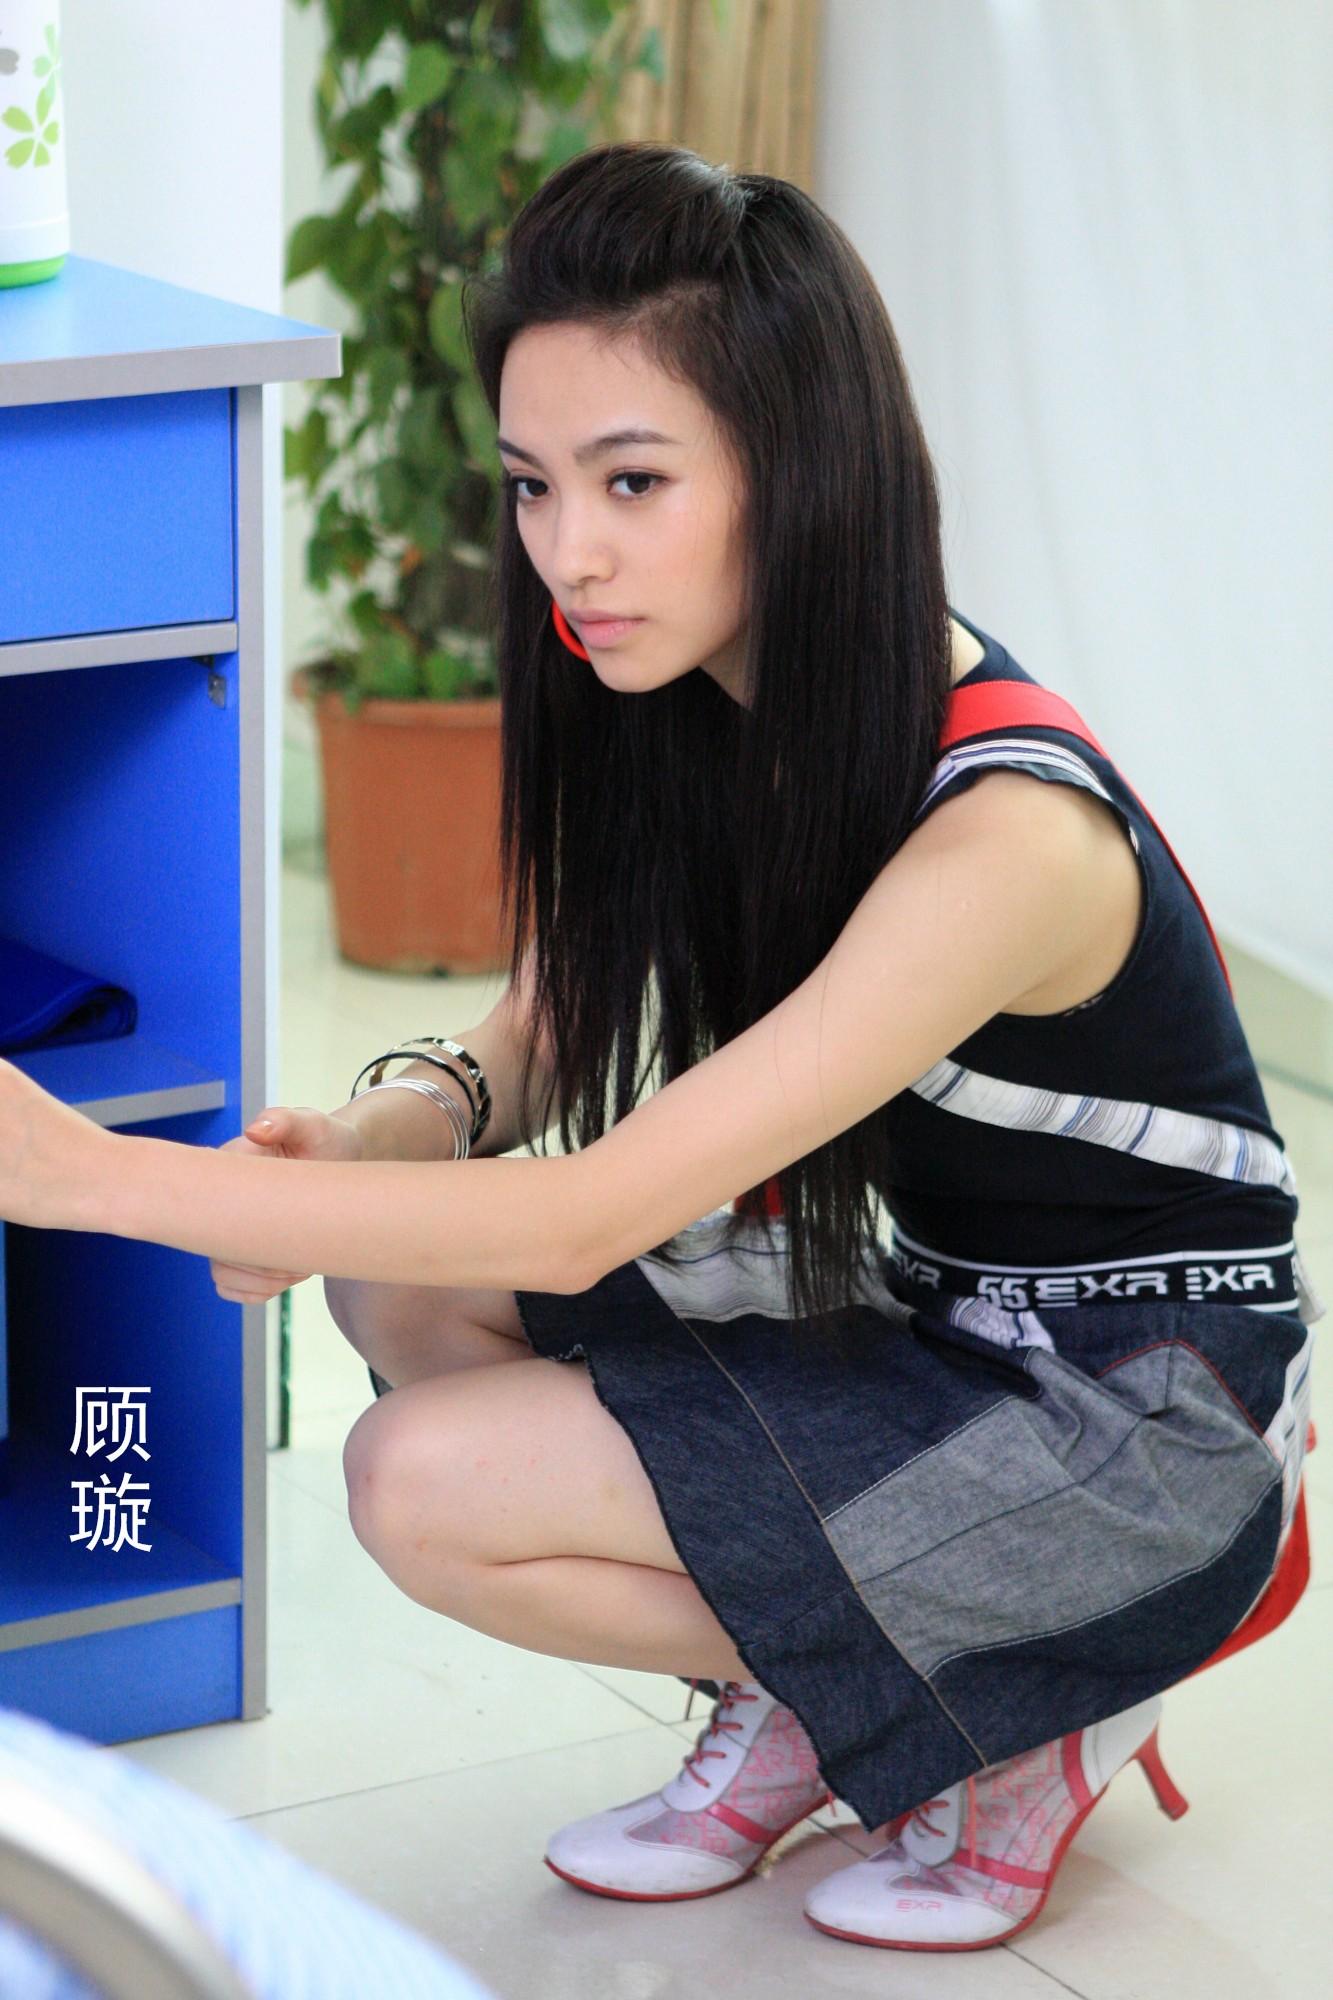 〇彤话芯语⑨━丑女砖家公寓&quot